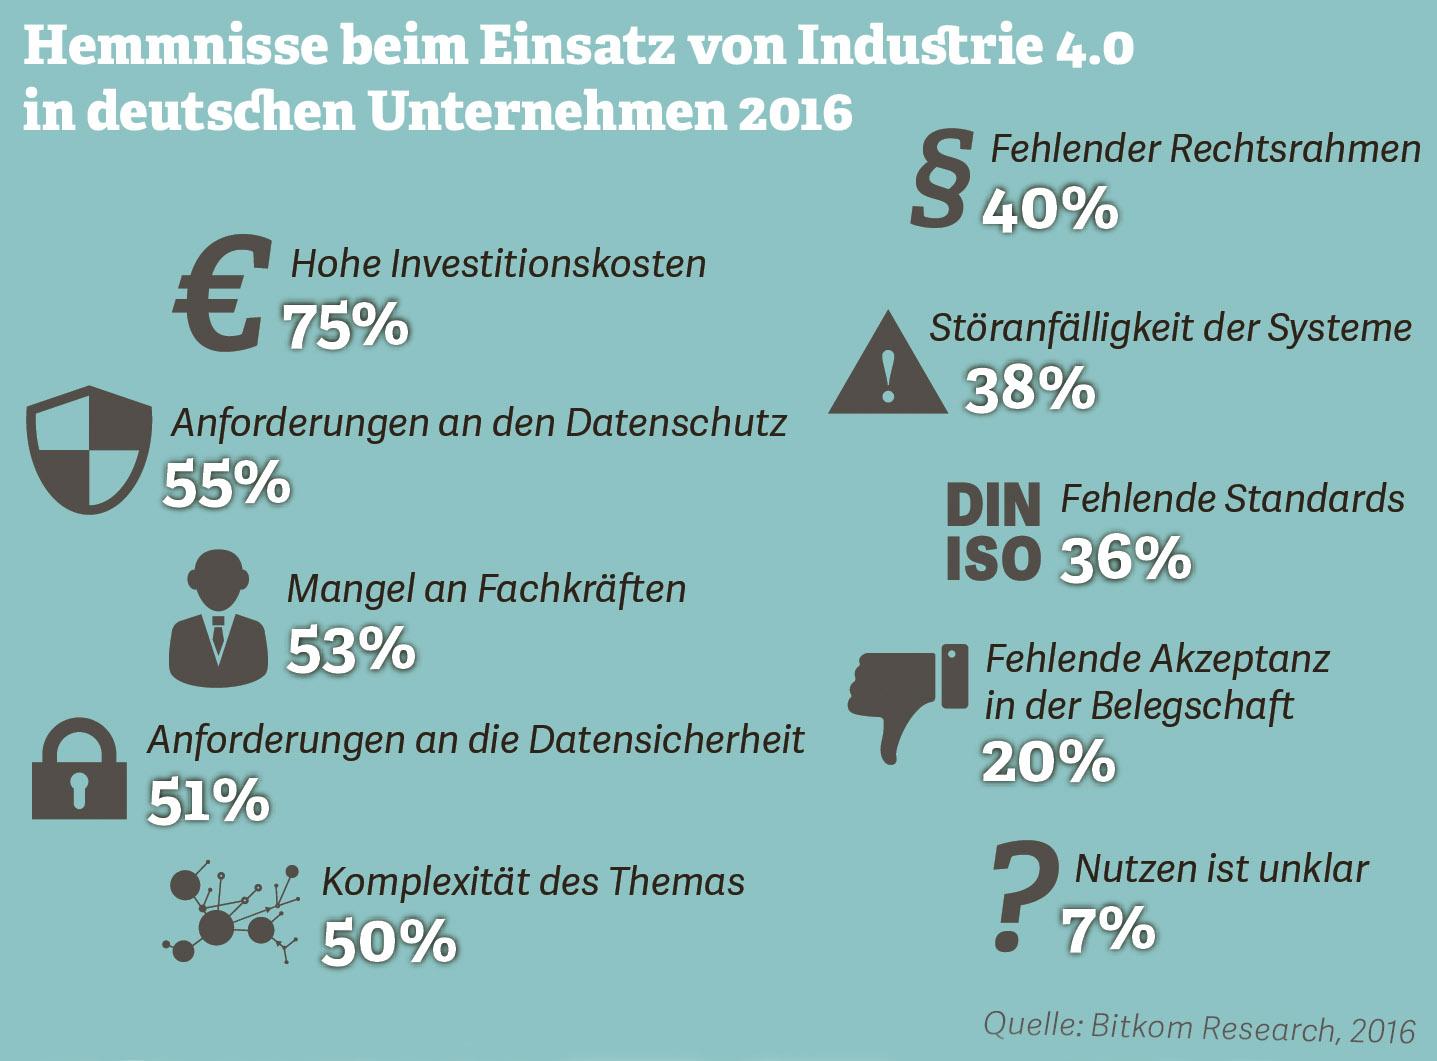 Grafik zu Hemmnissen beim Einsatz von Industrie 4.0 in deutschen Unternehmen